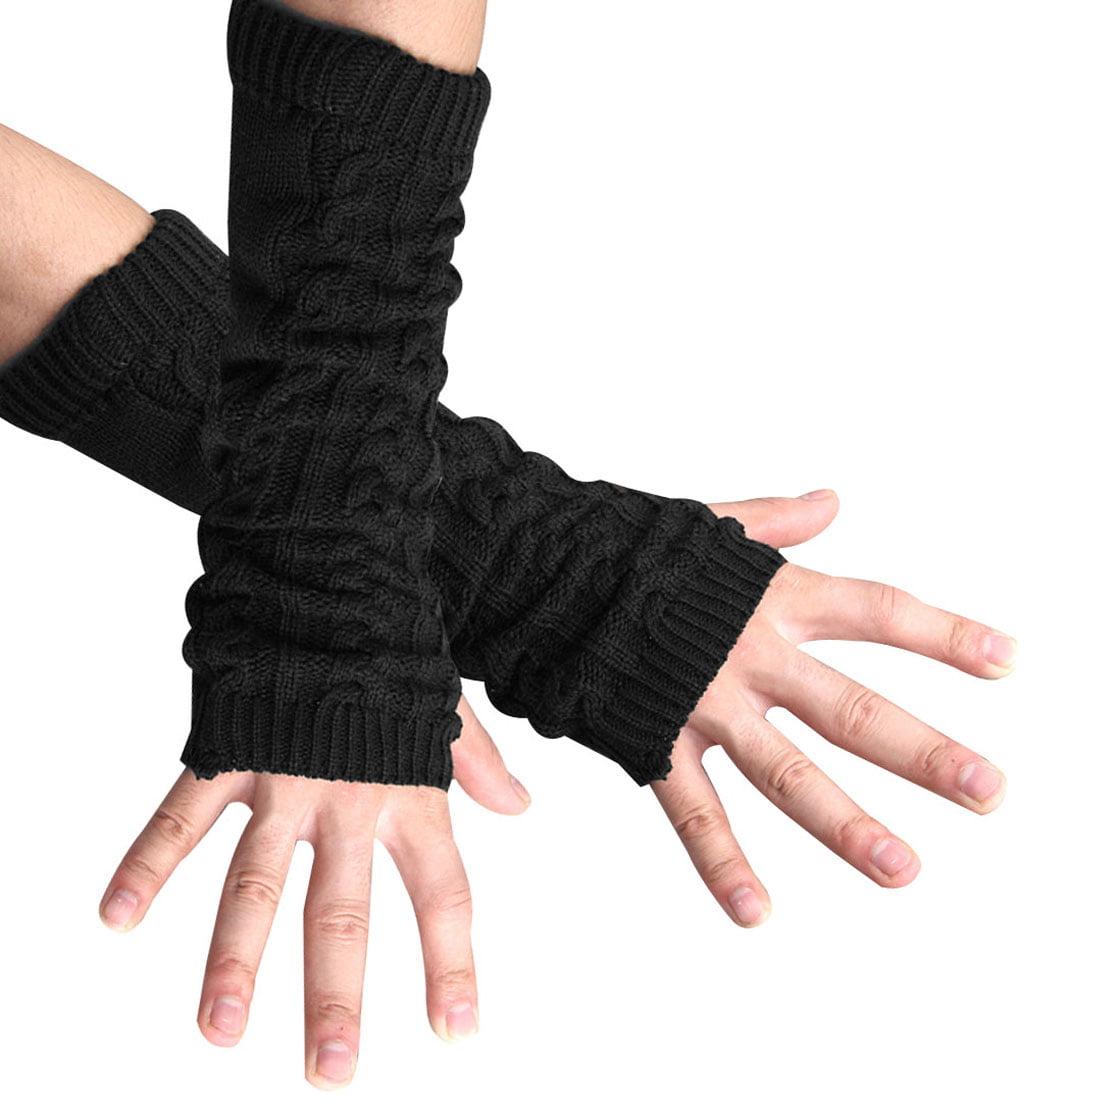 Black New Winter Fingerless Arm Warmer Long Stretch Gloves for Mens